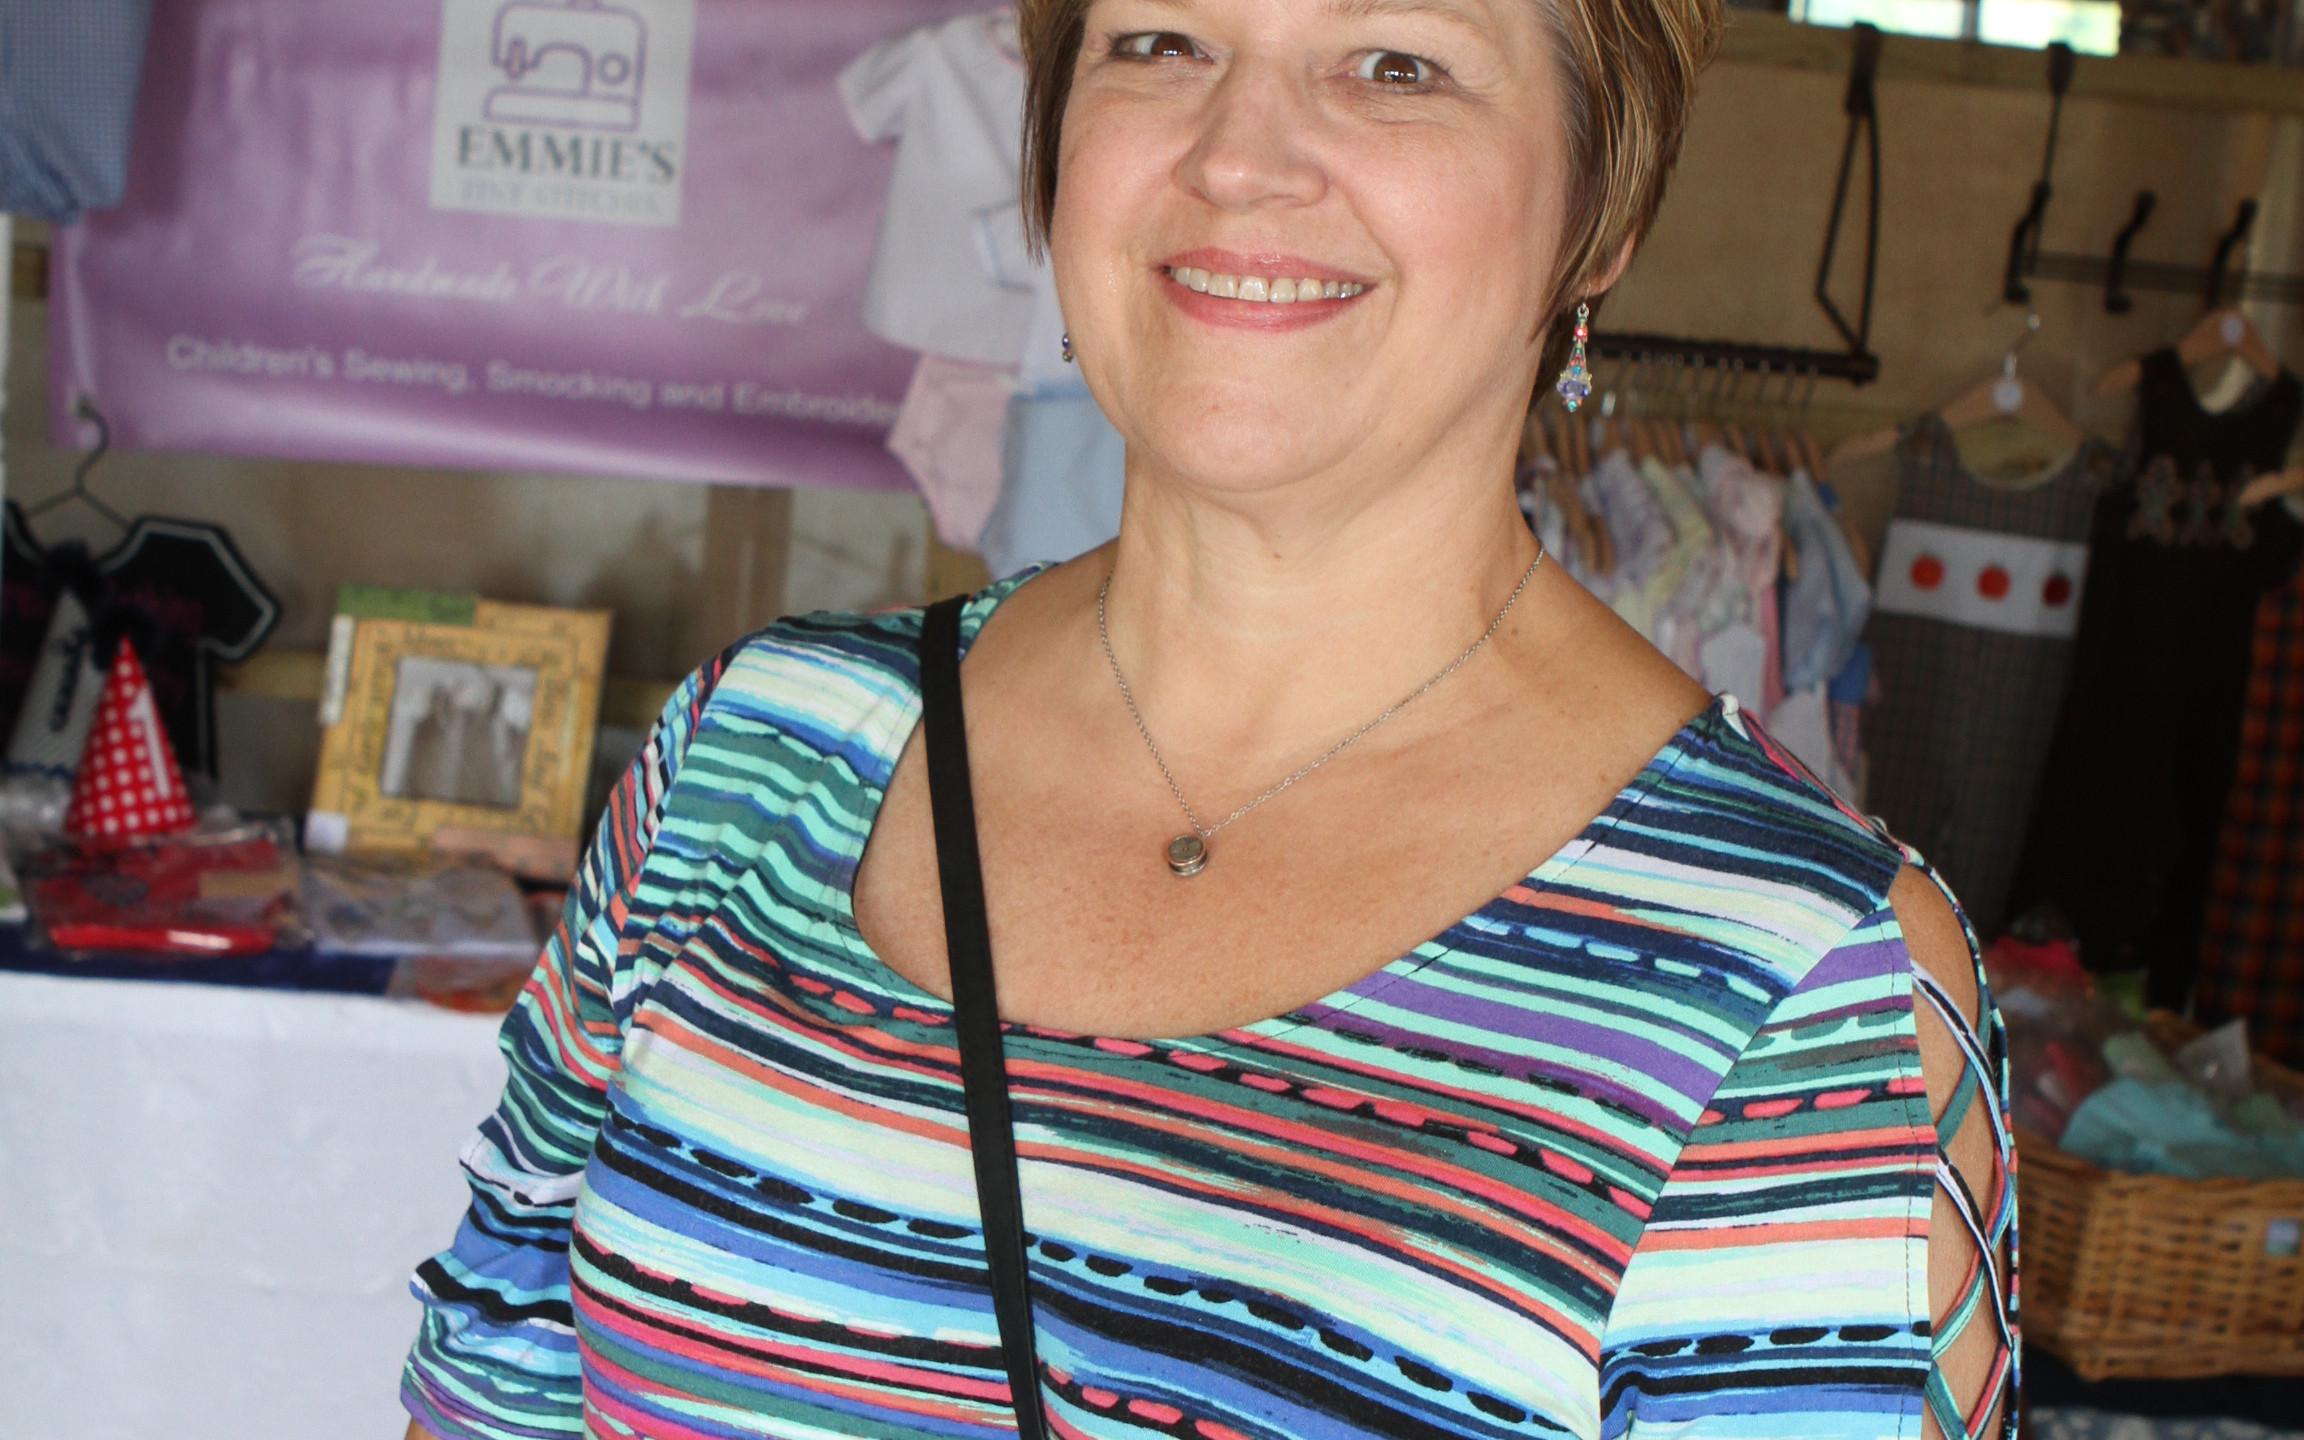 Elaine Hester